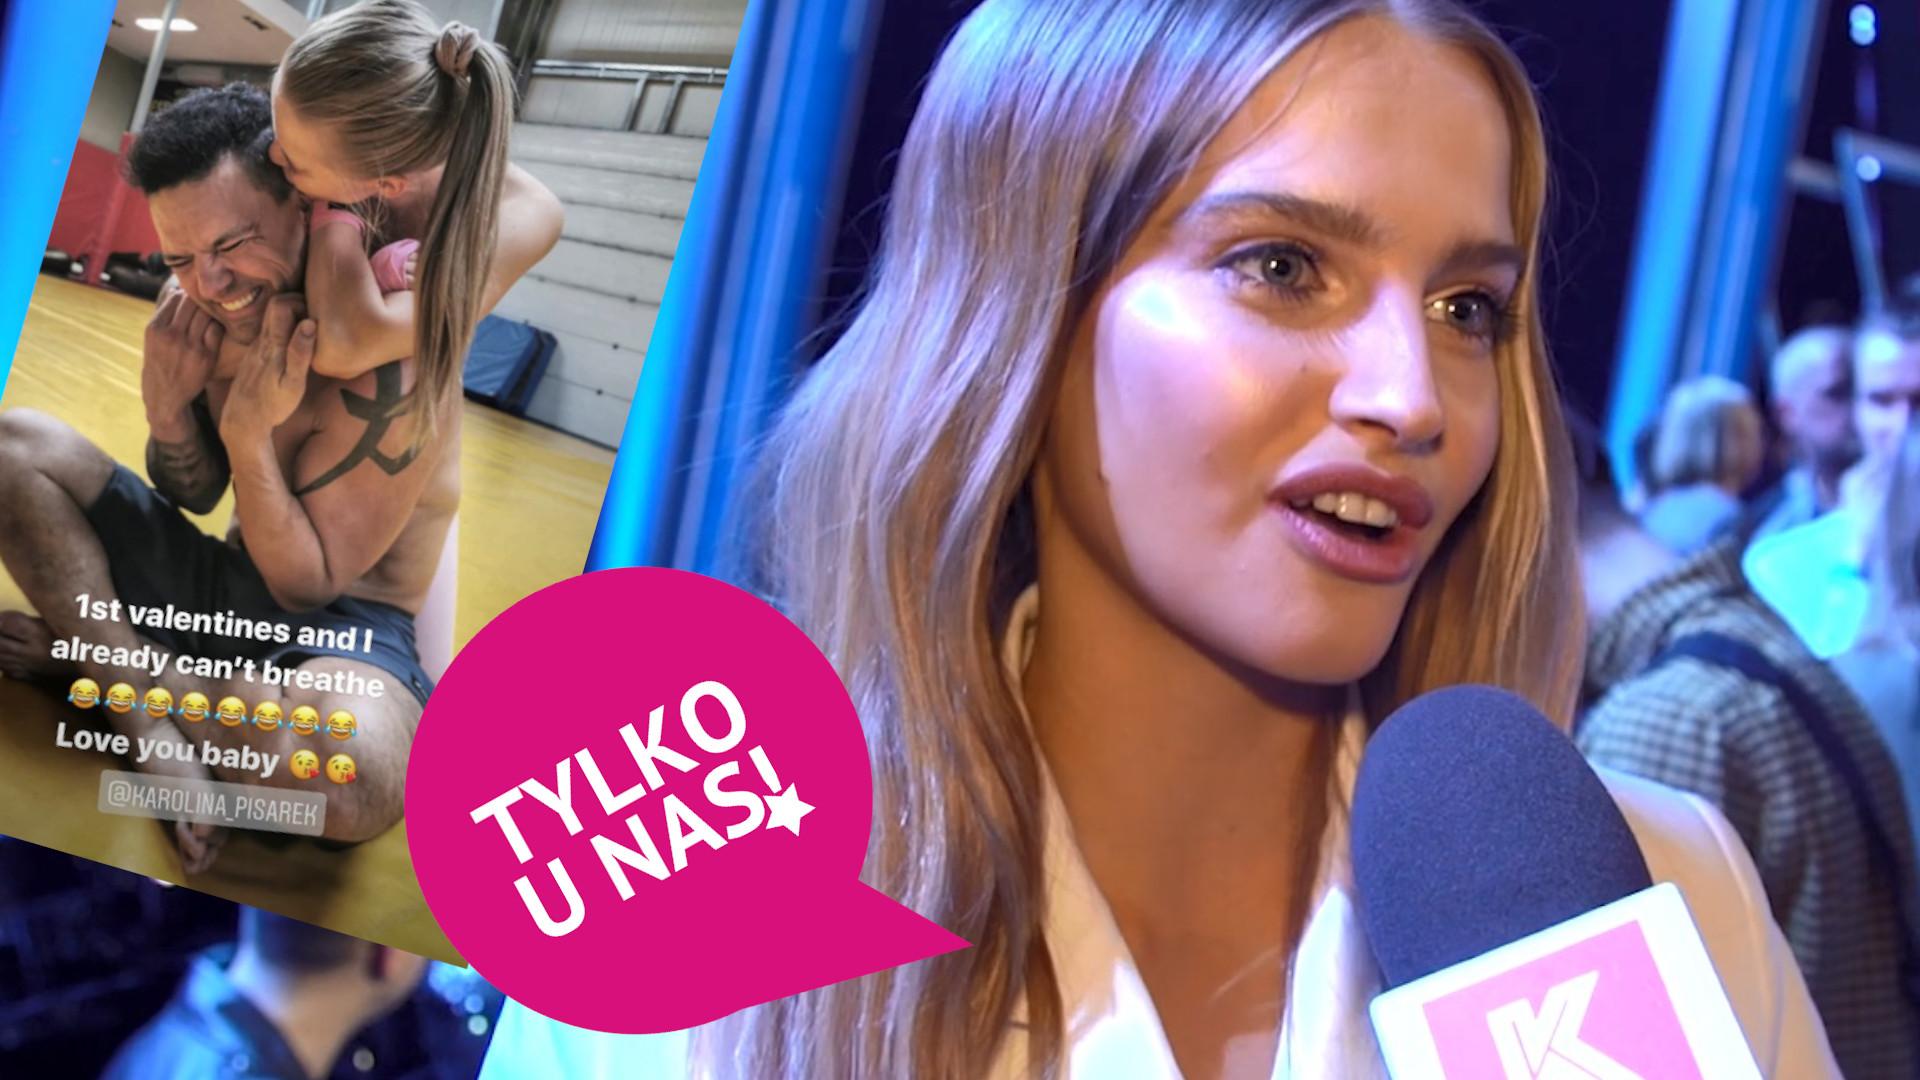 """Karolina Pisarek o nowym 40-letnim chłopaku: """"Zaczęłam coś, co daje mi szczęście i spokój"""" (WIDEO)"""